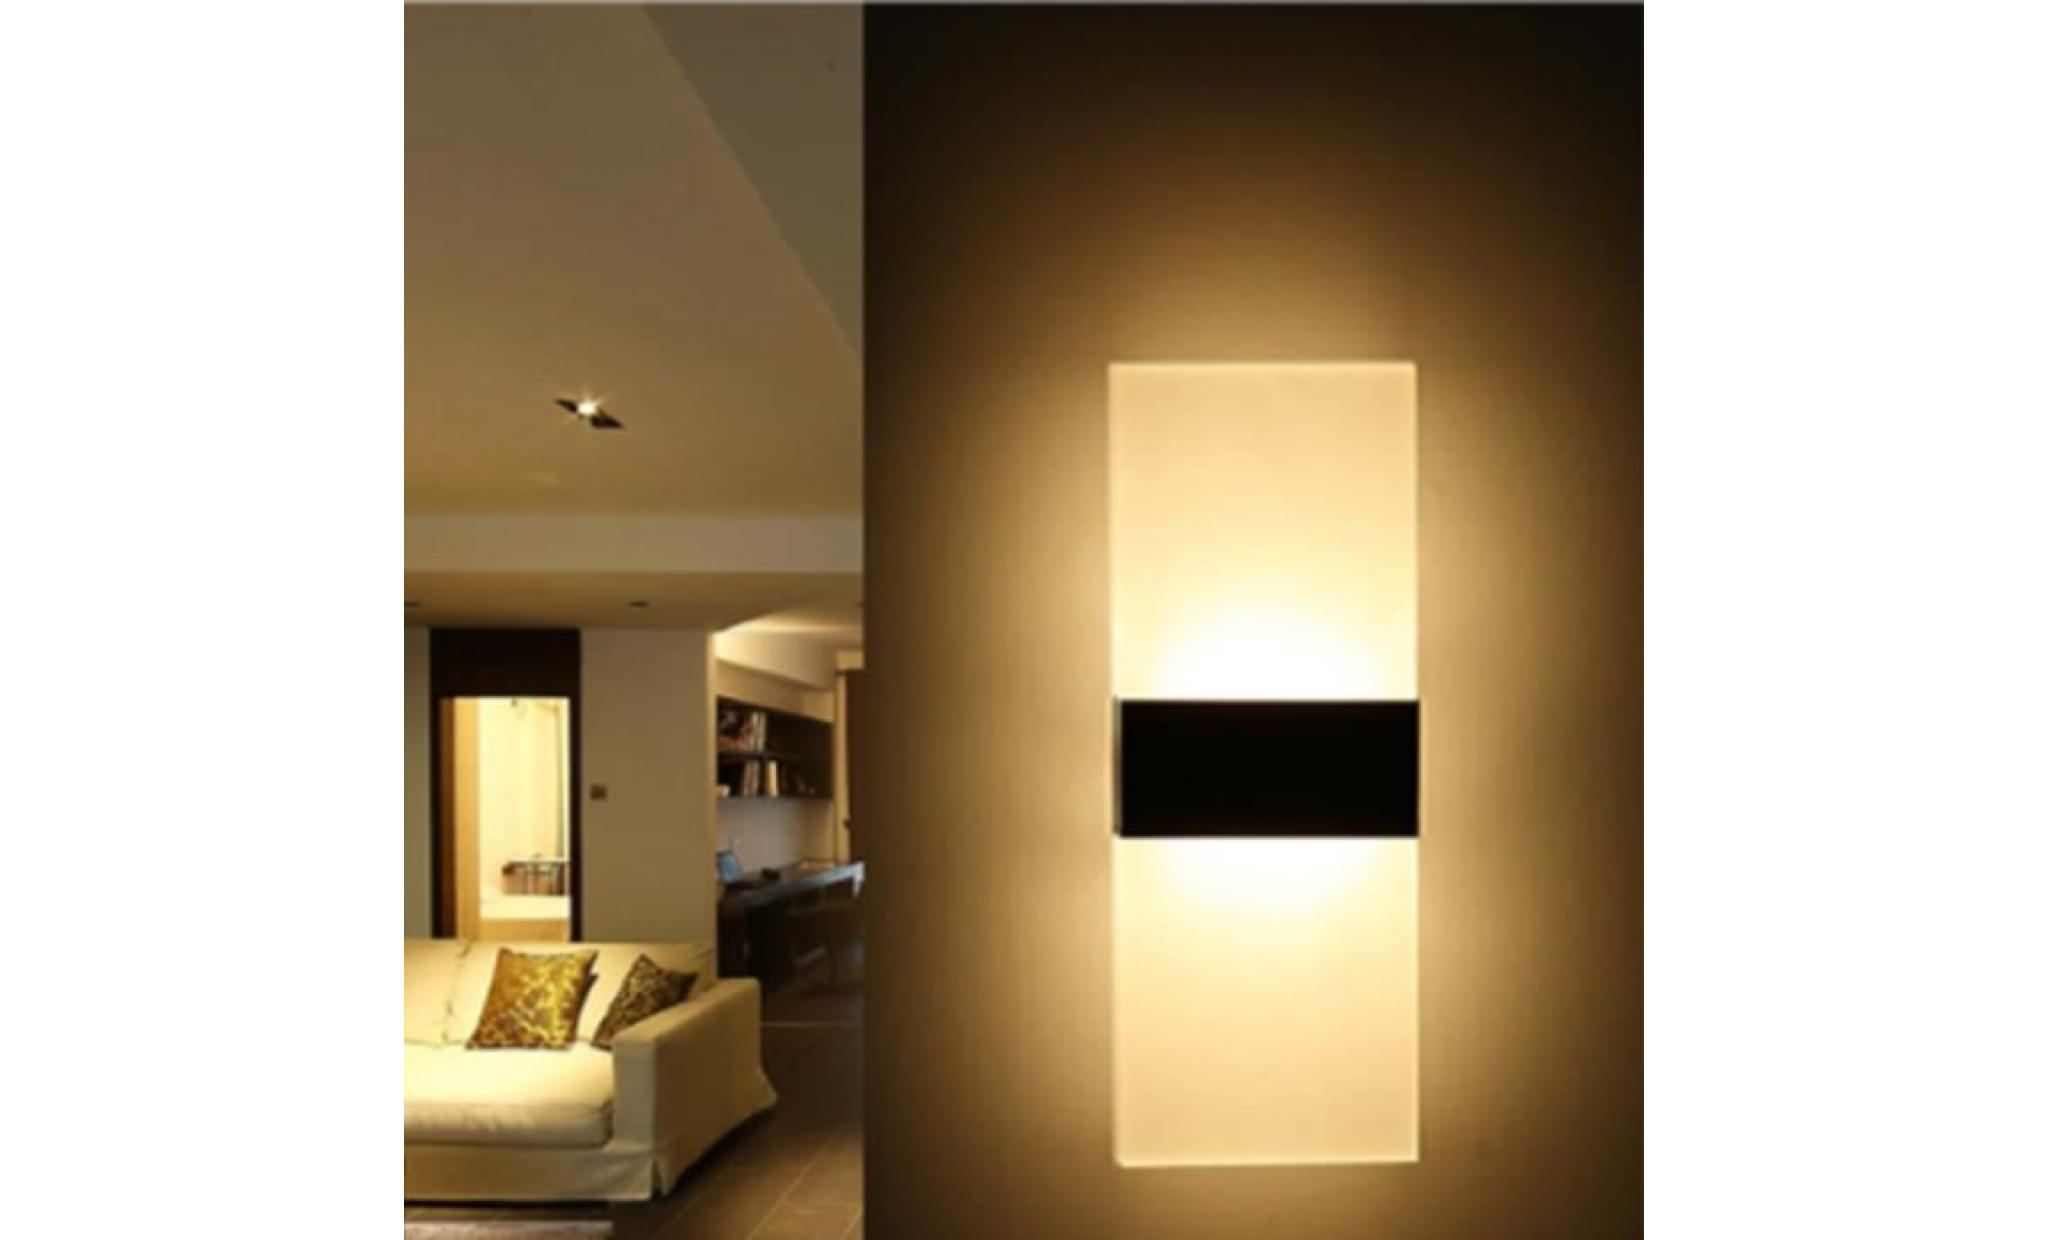 Veilleuse Lumière De Bouton Luminaire Poussoir Salon Bain Chambre Applique Le Led Salle Mur Pour wnmN80